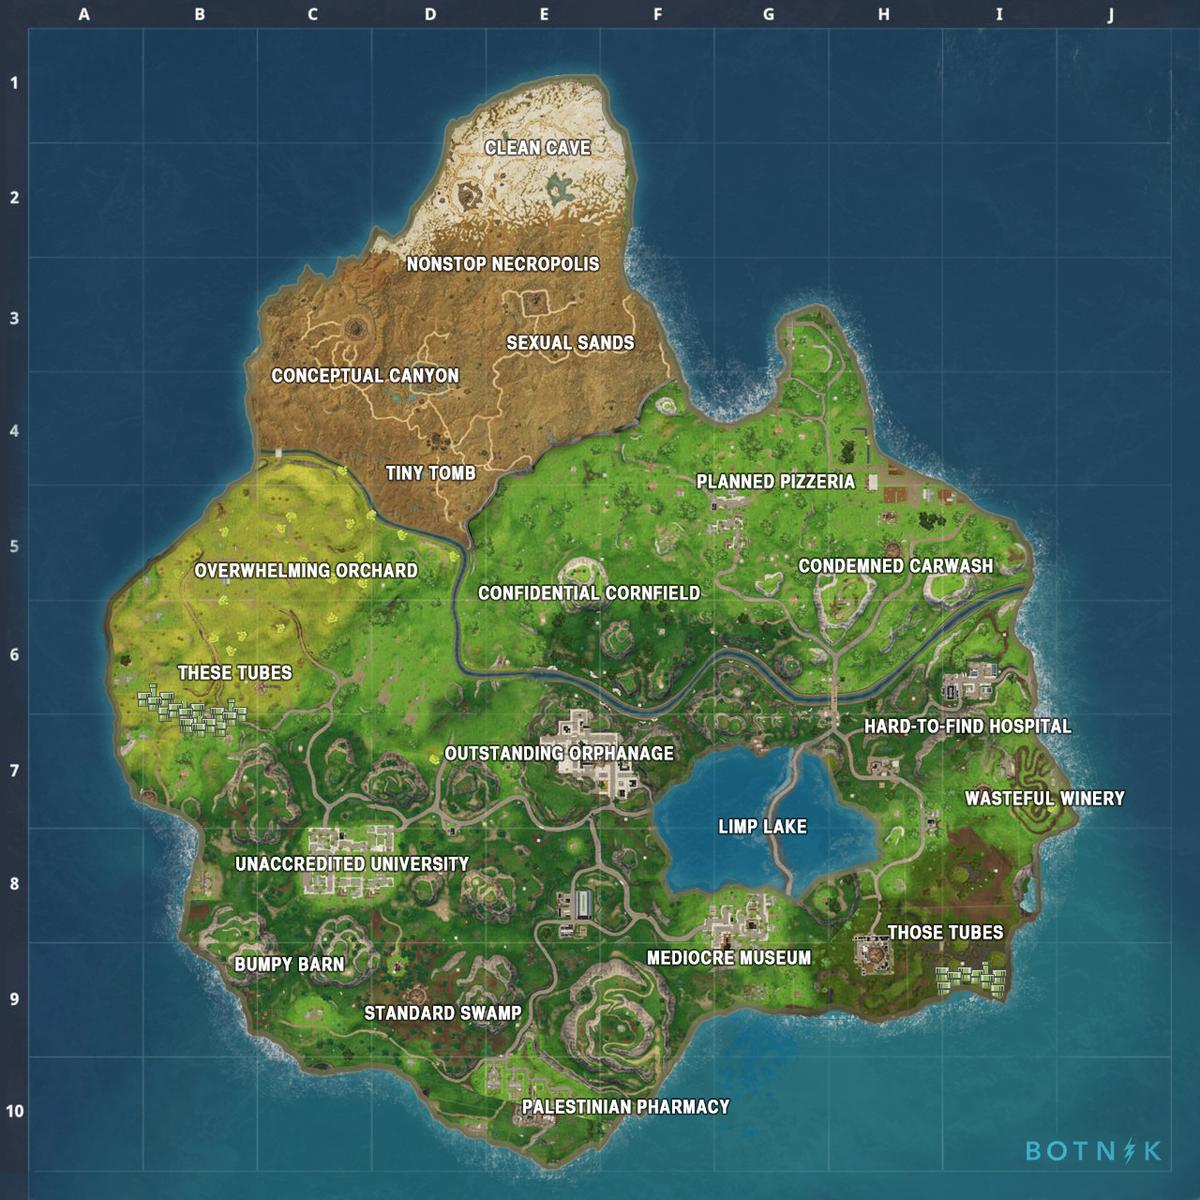 Botnik Studios On Twitter New Fortnite Map